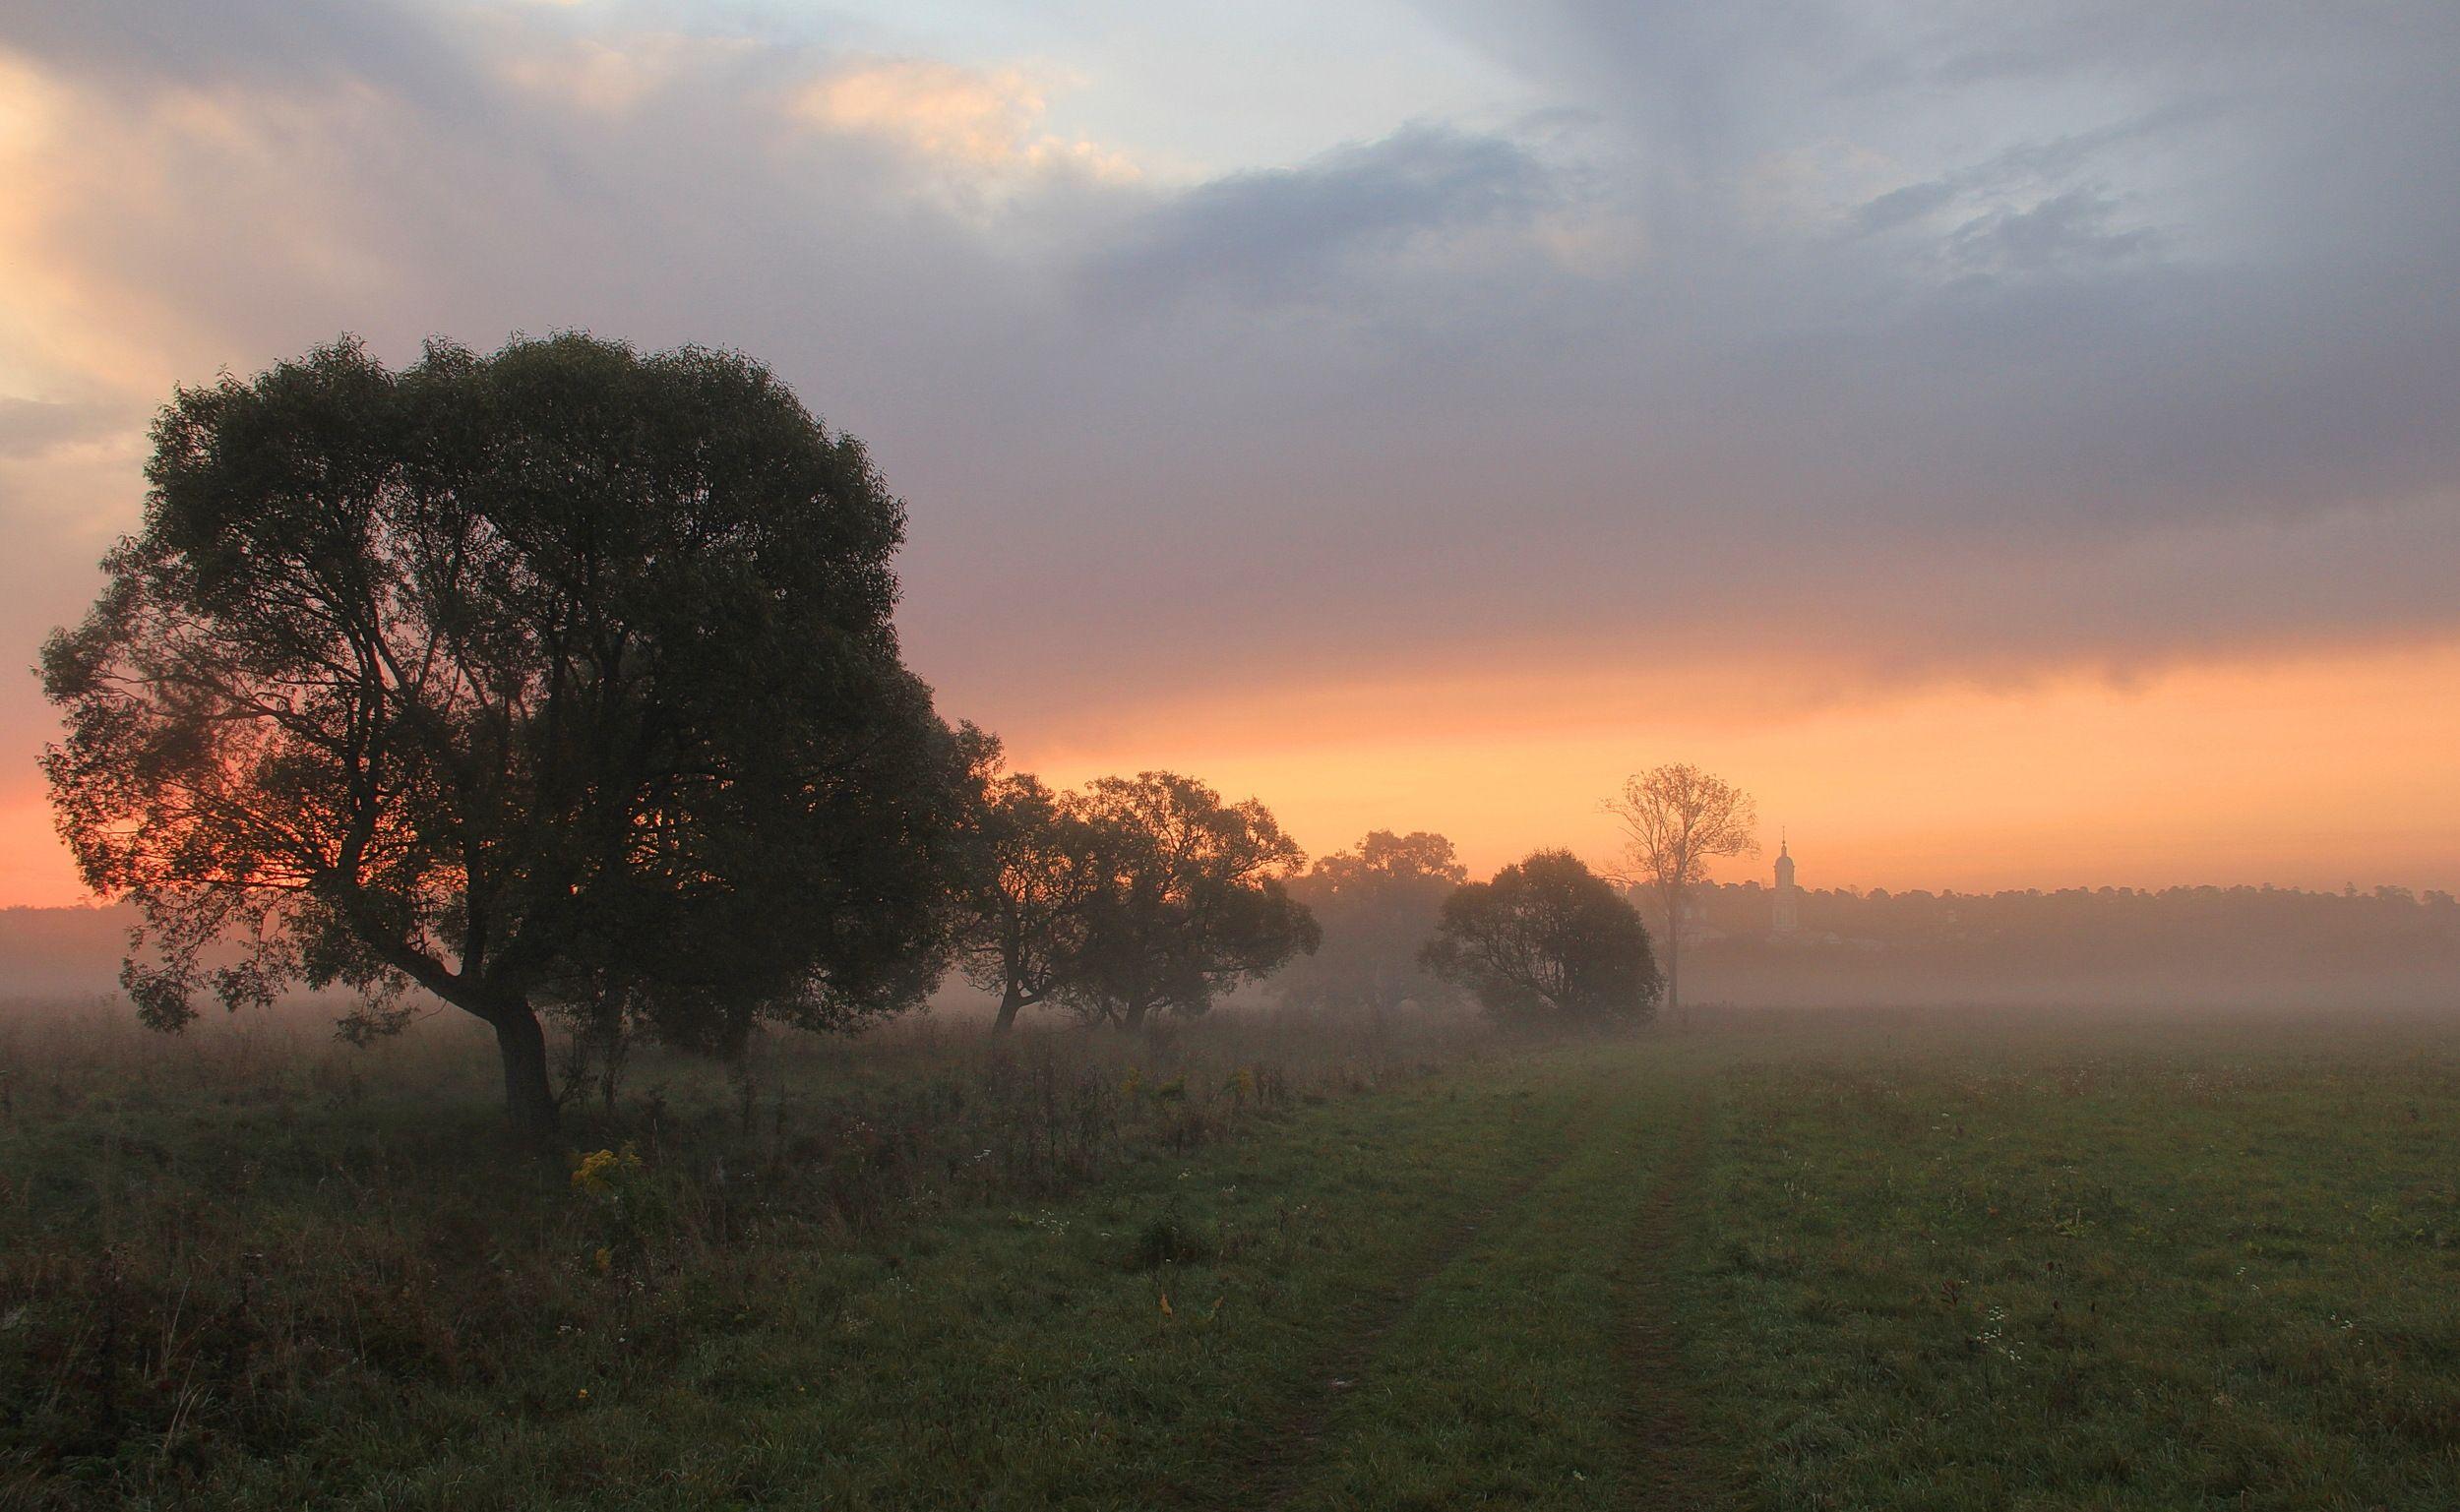 оптина, туман, осень, рассвет, природа, пейзаж, оптина пустынь, Суетинов Евгений